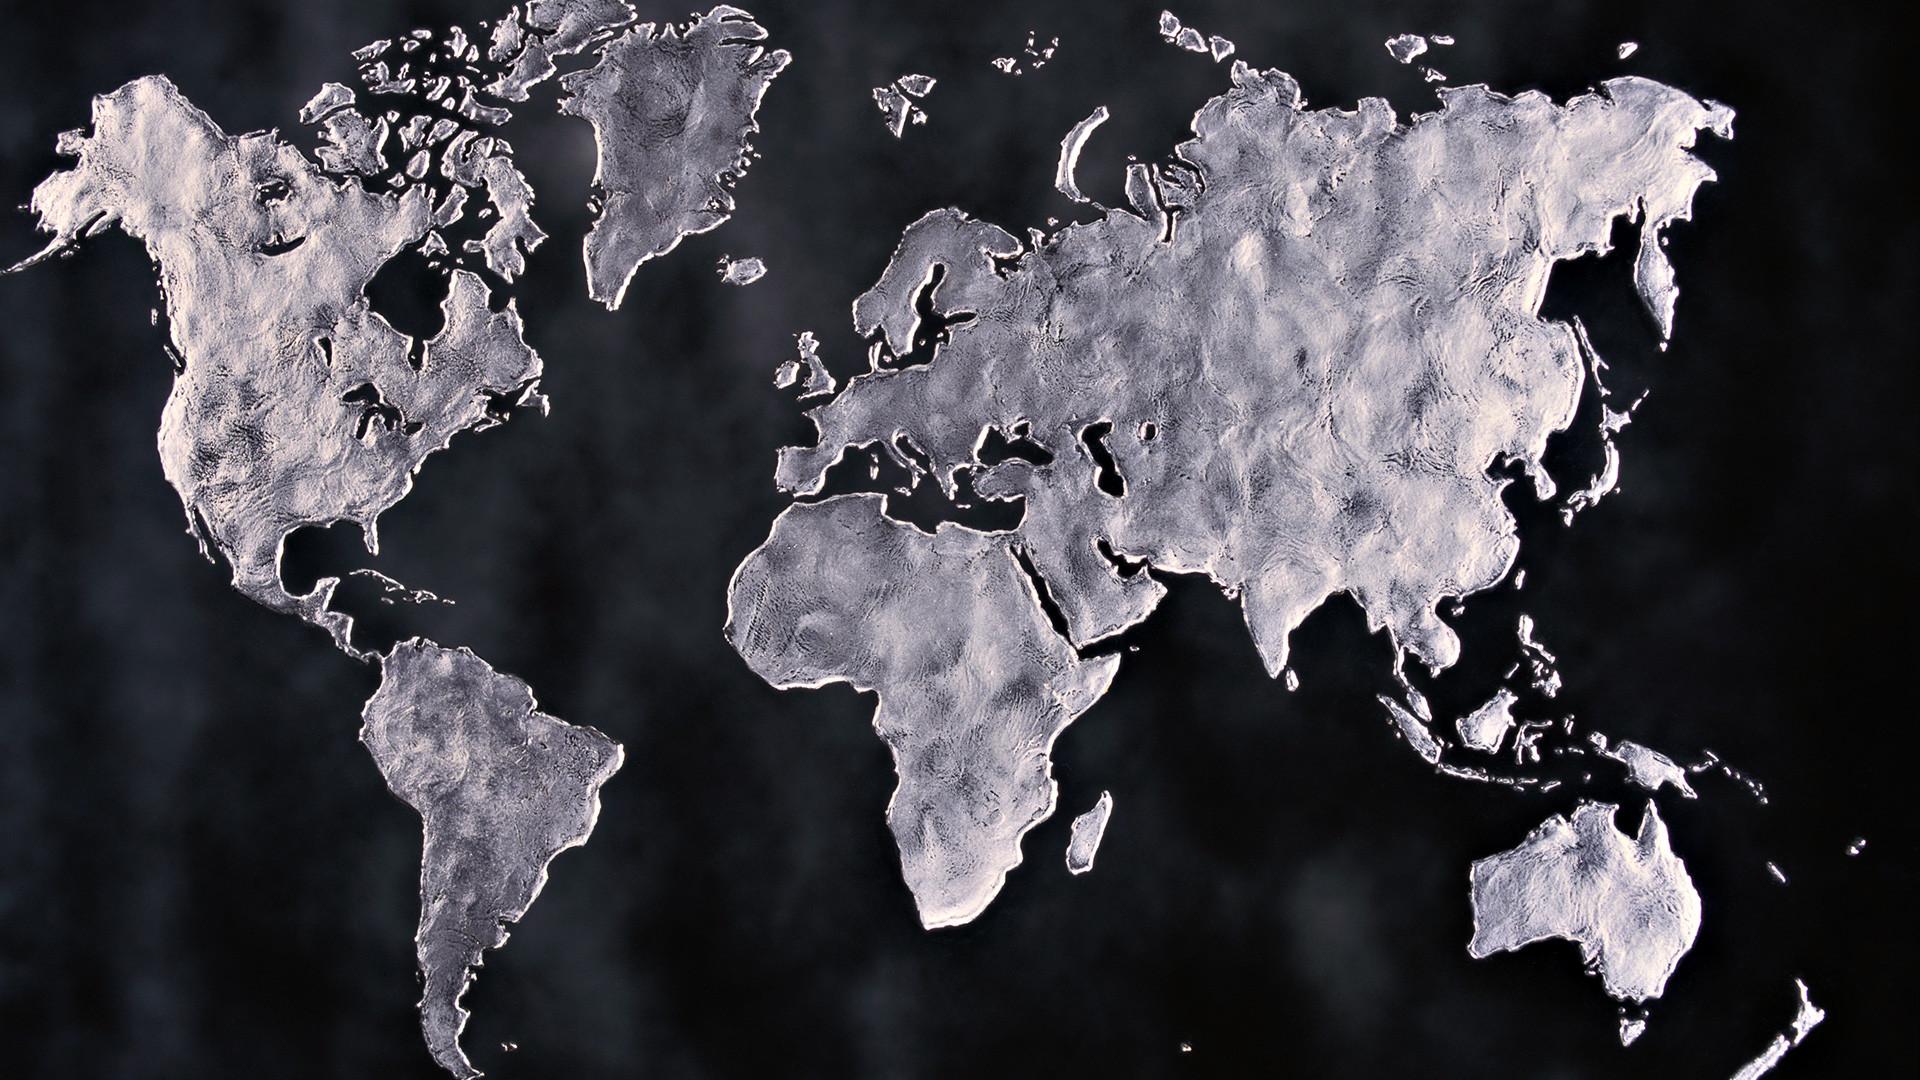 World Map Desktop Wallpaper HD 70 images 1920x1080